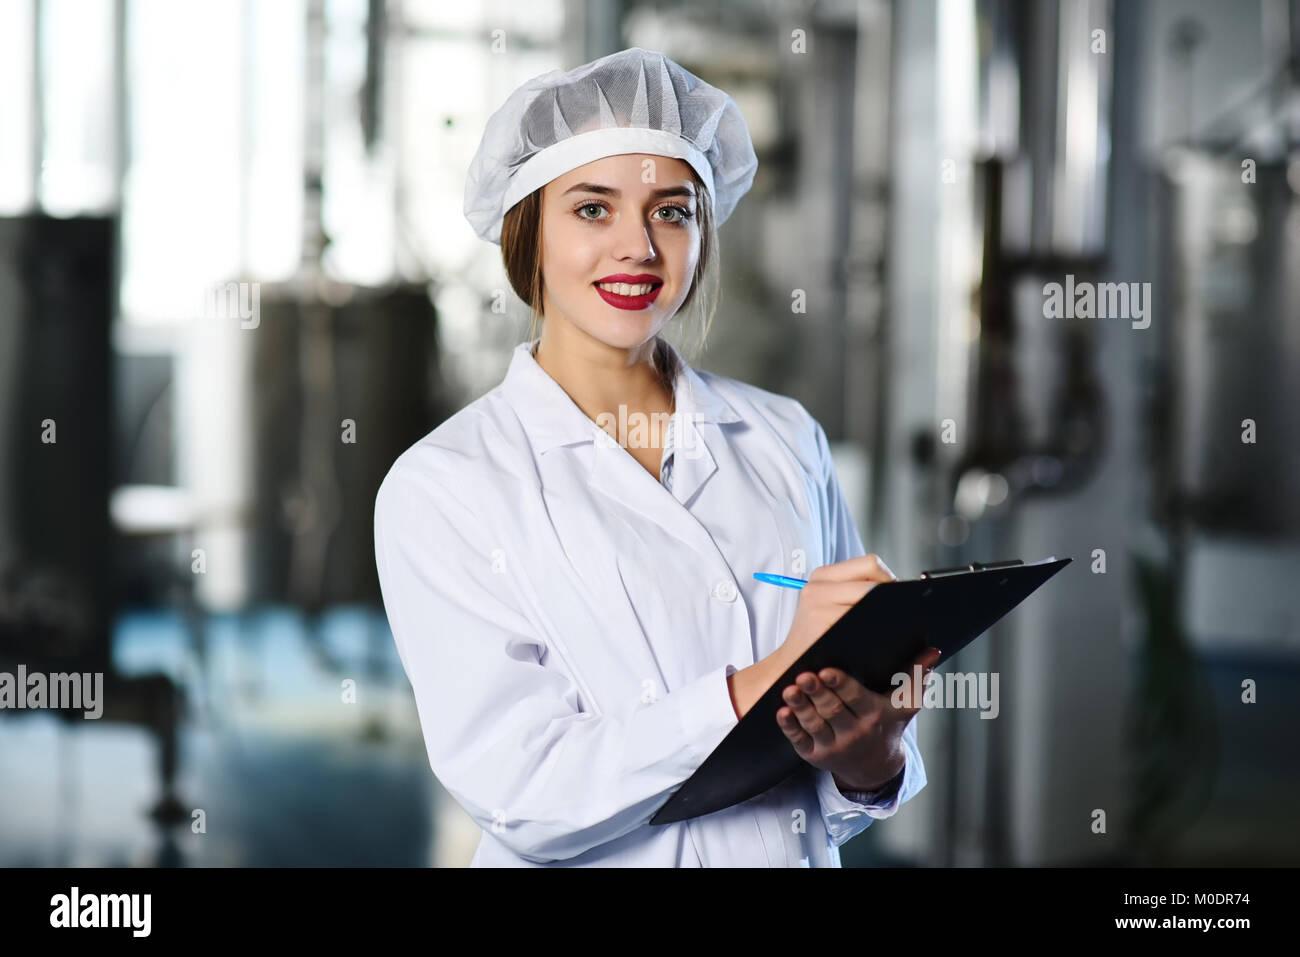 Süße Mädchen in weißen Arbeitskleidung macht sich Notizen auf einem Stift auf einem Tablet Stockbild